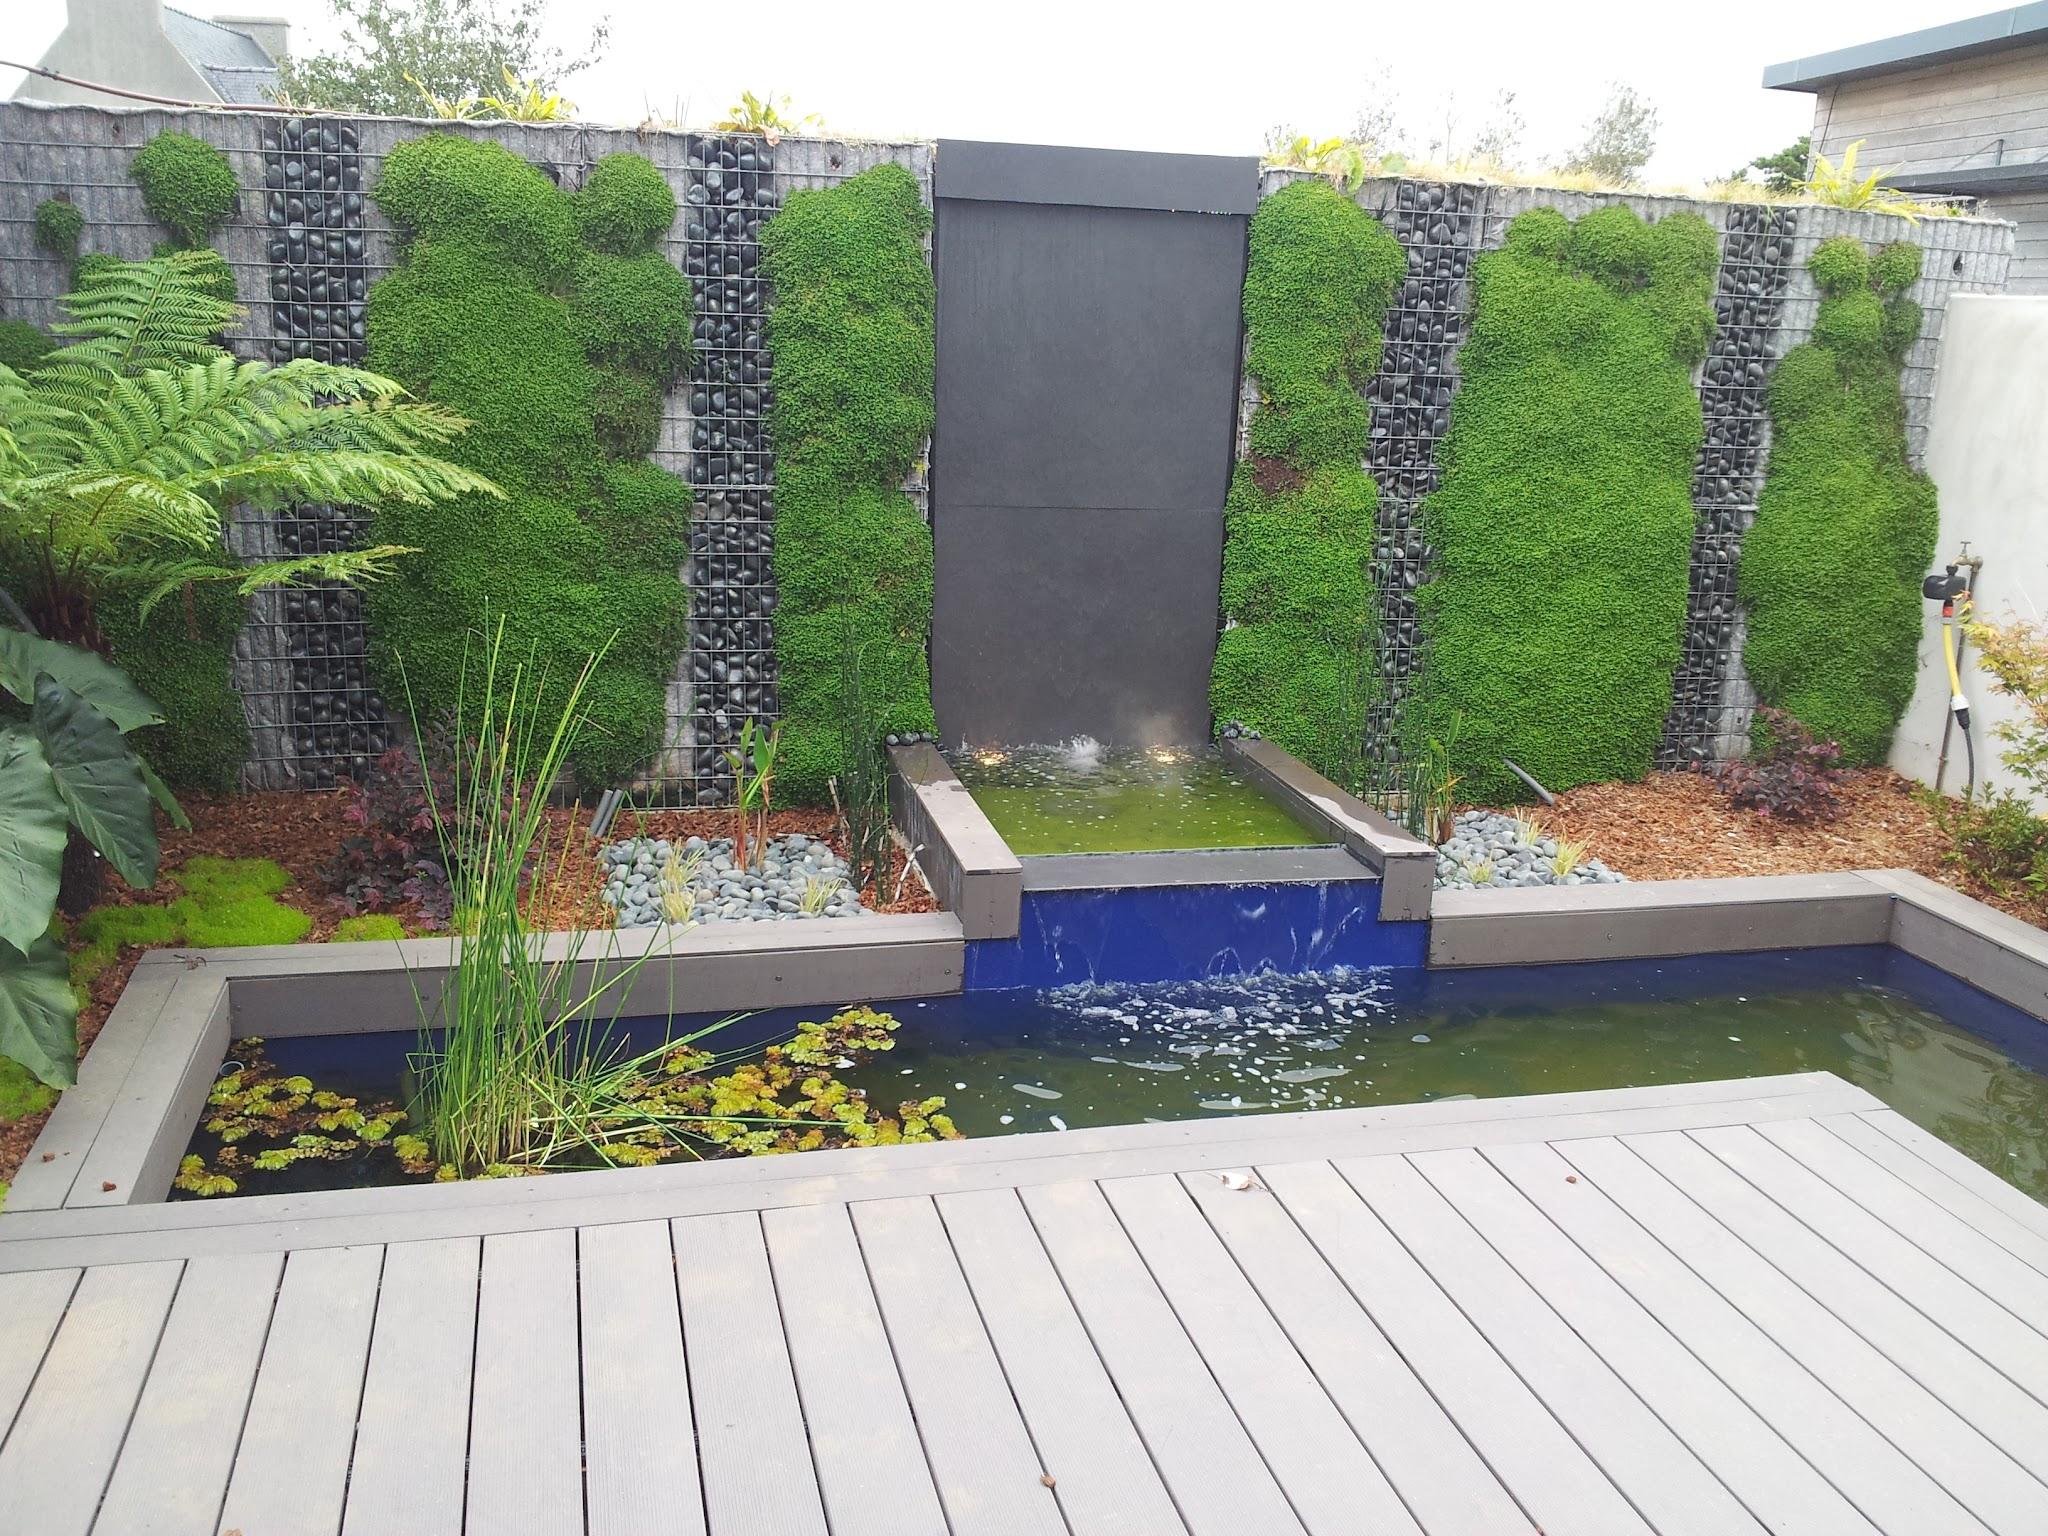 Nos r alisations de bassin a flore d 39 eau votre sp cialiste du bassin en bretagne - Bassin moderne exterieur calais ...